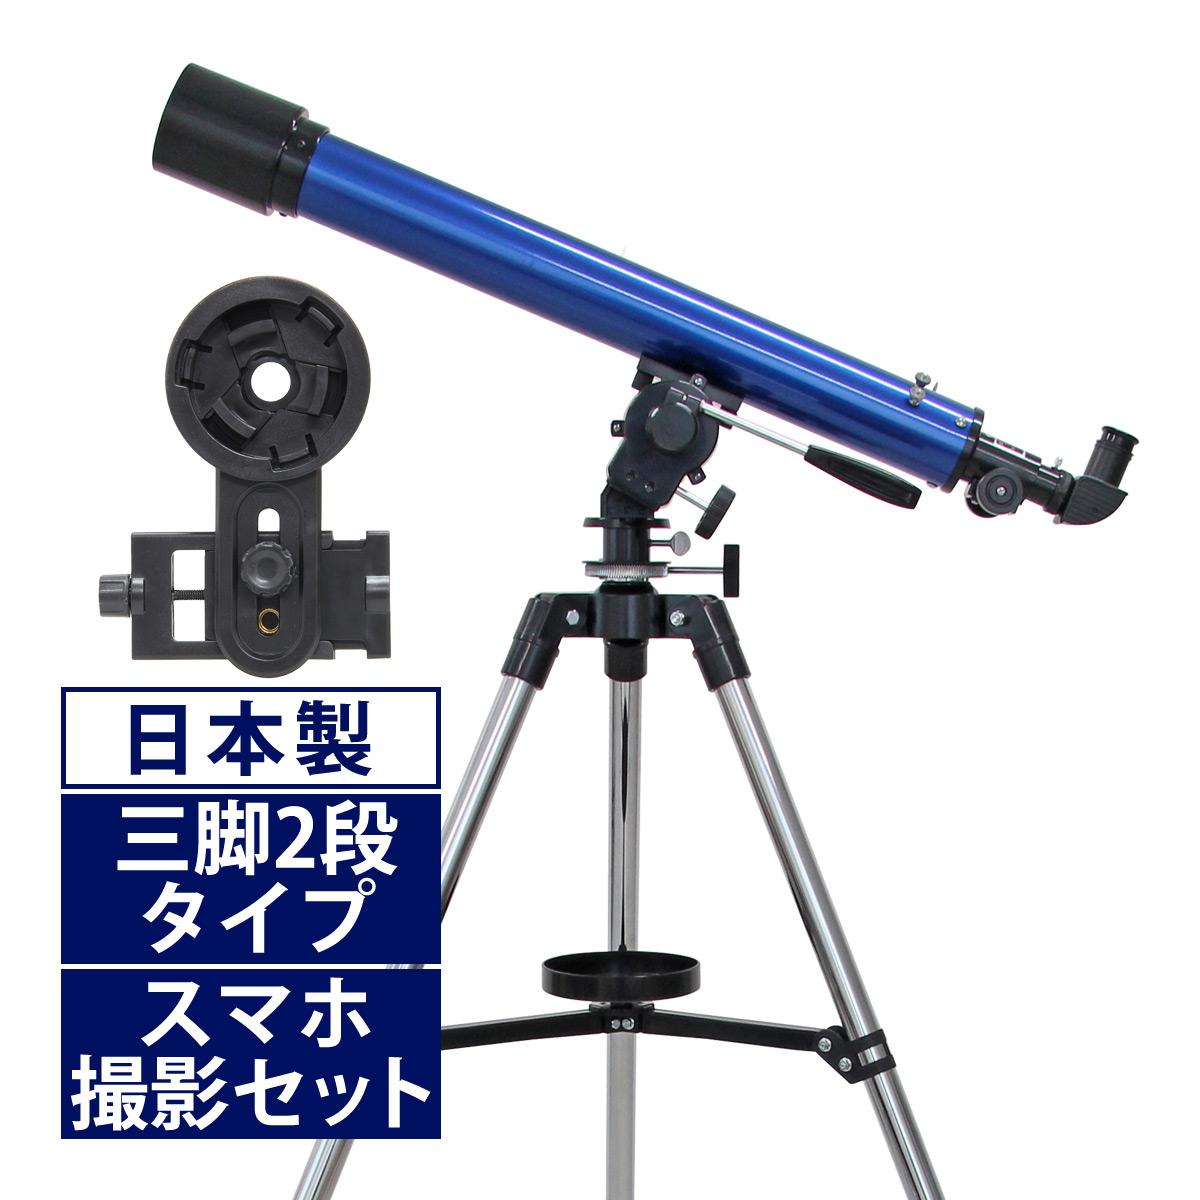 天体望遠鏡 スマホ 初心者 子供 小学生 リゲルハイ60D 日本製 クリスマスプレゼント